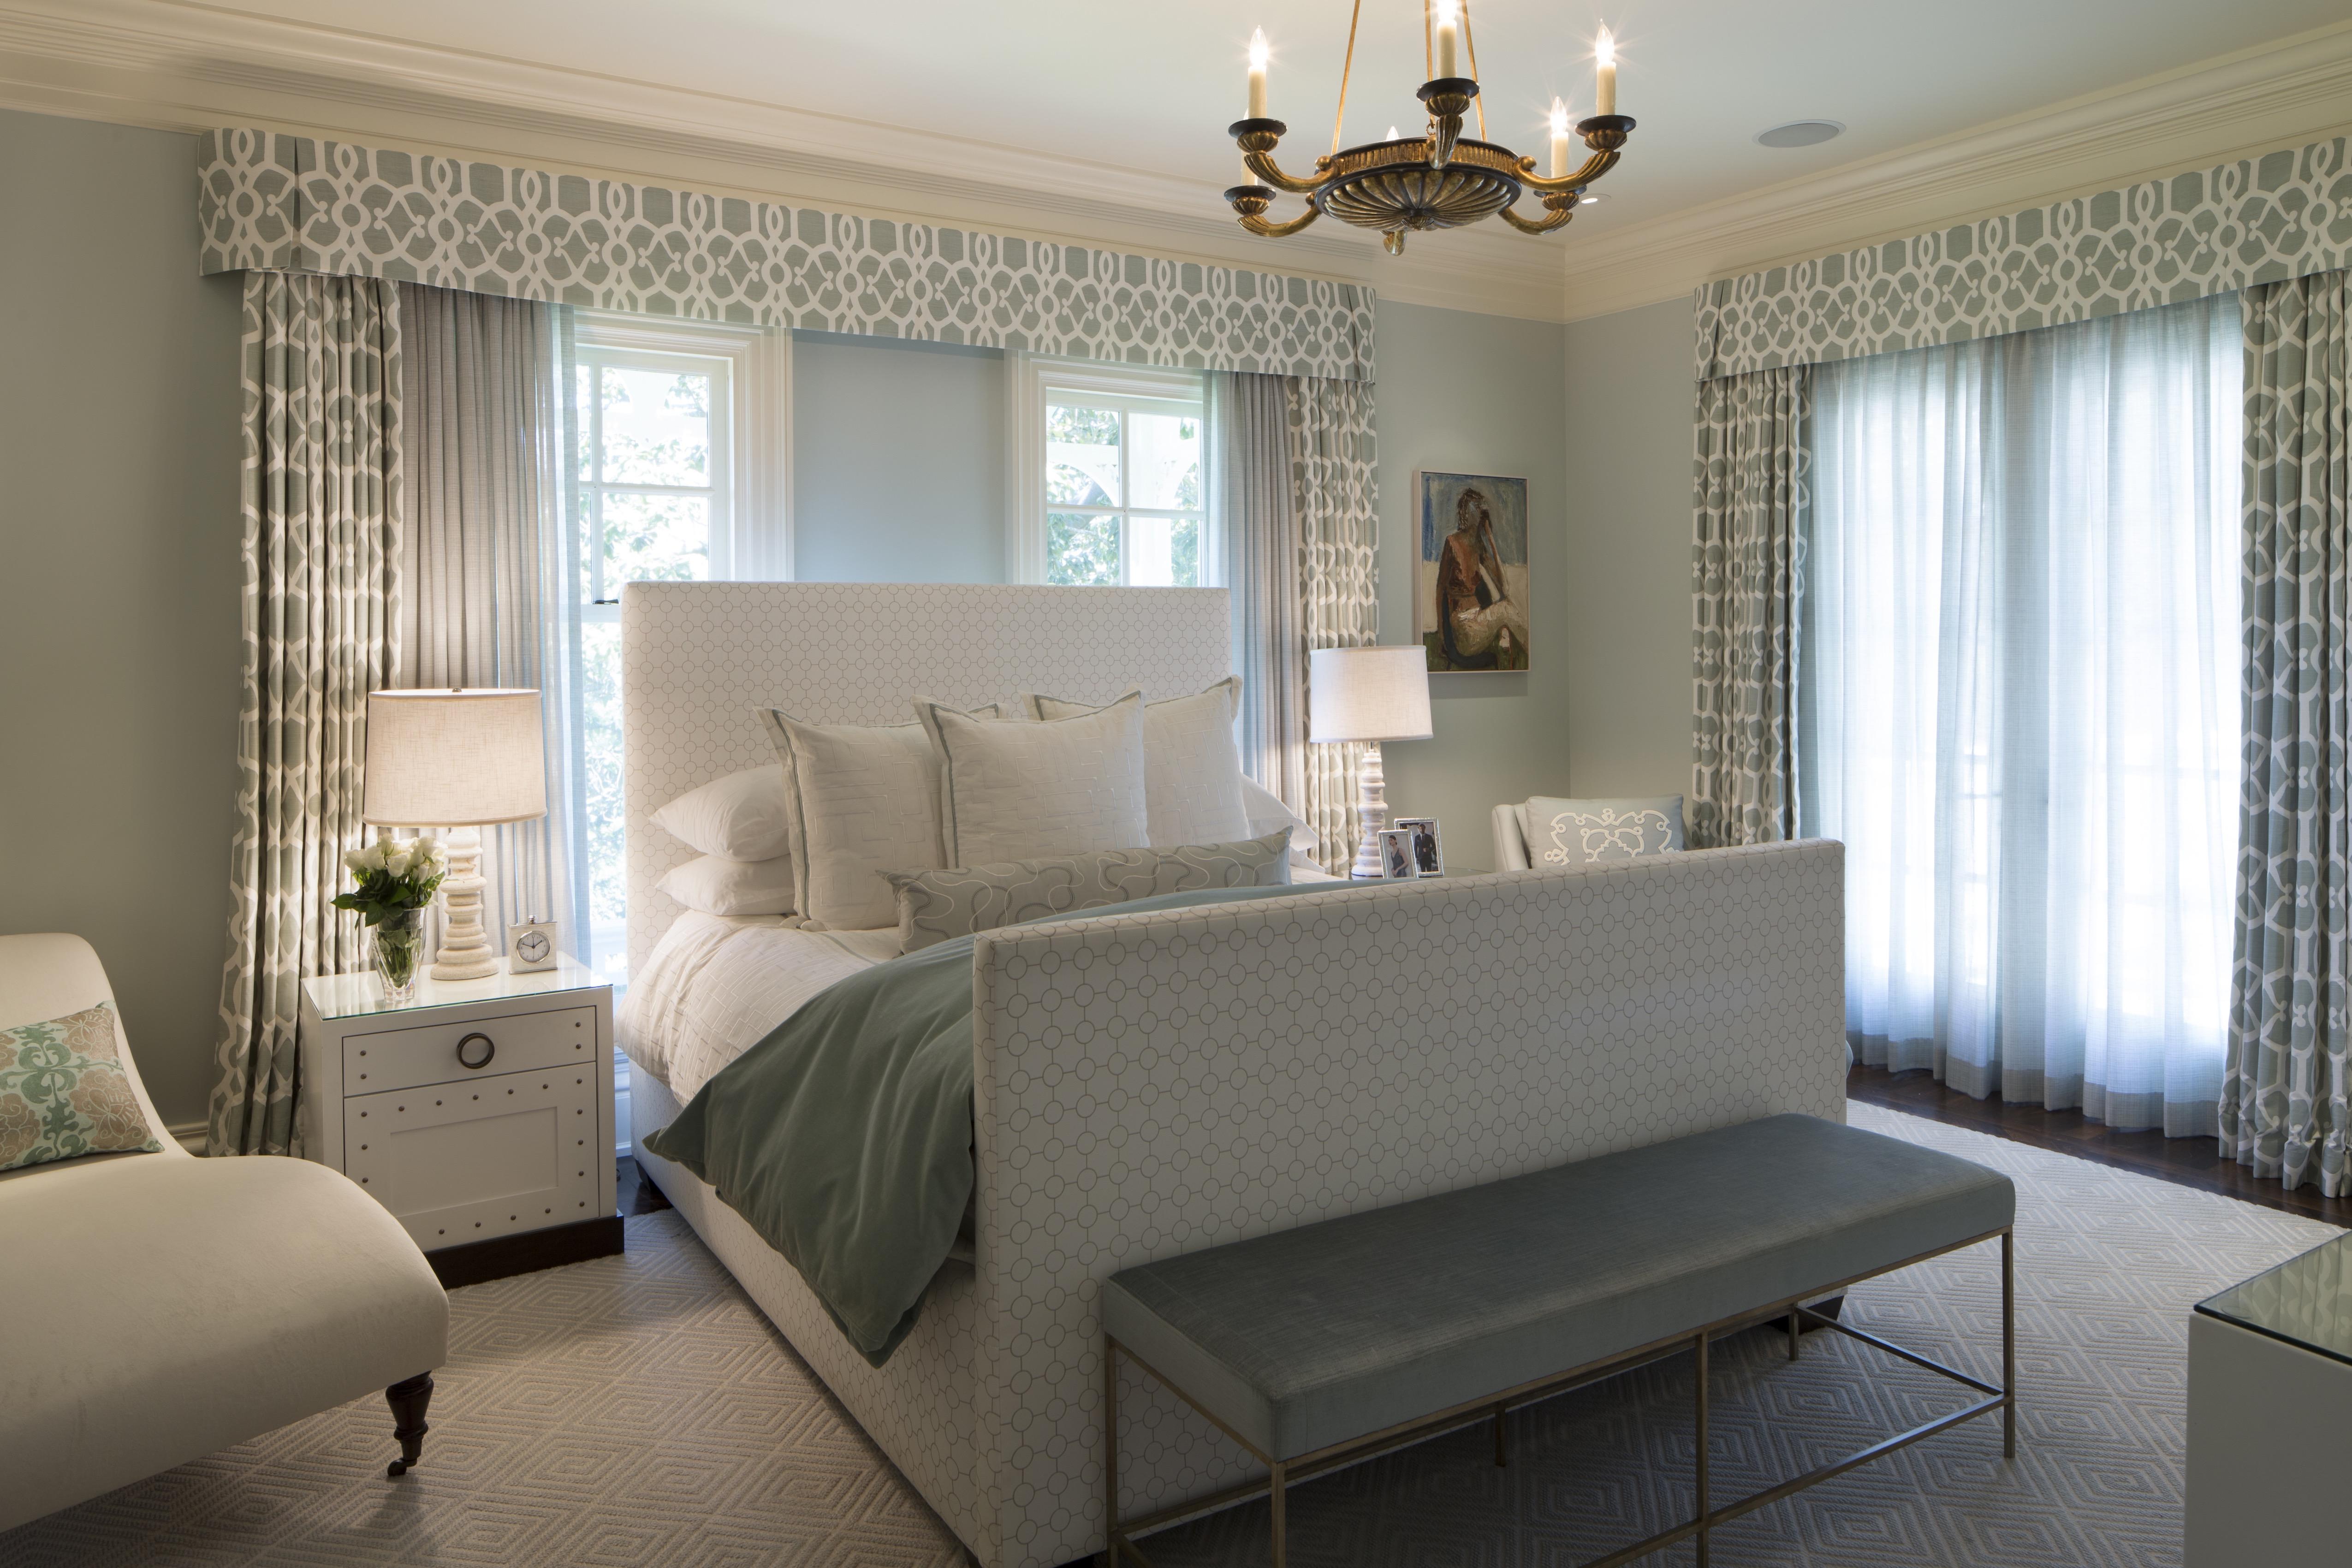 Classic Romantic Apartment Bedroom Interior (Image 7 of 19)